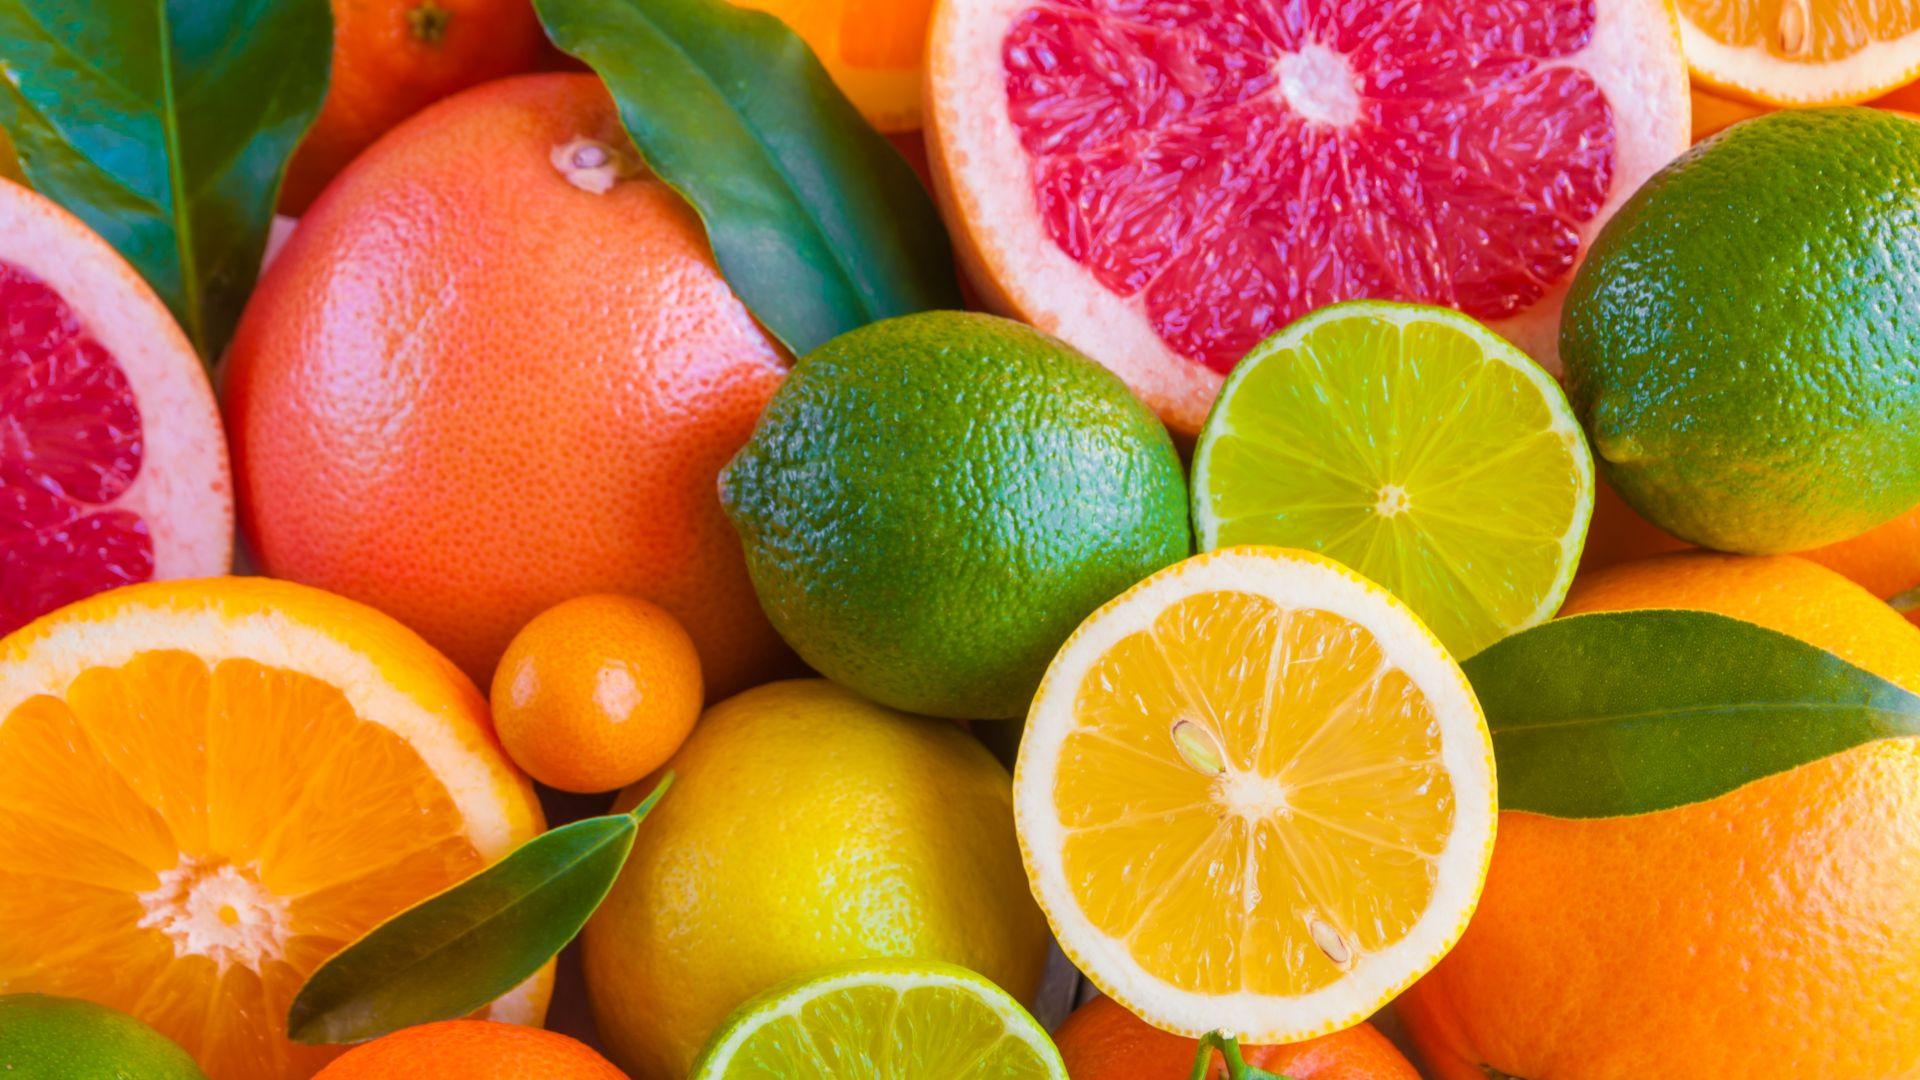 Търговци превръщат цитрусови плодове в зрели с бои